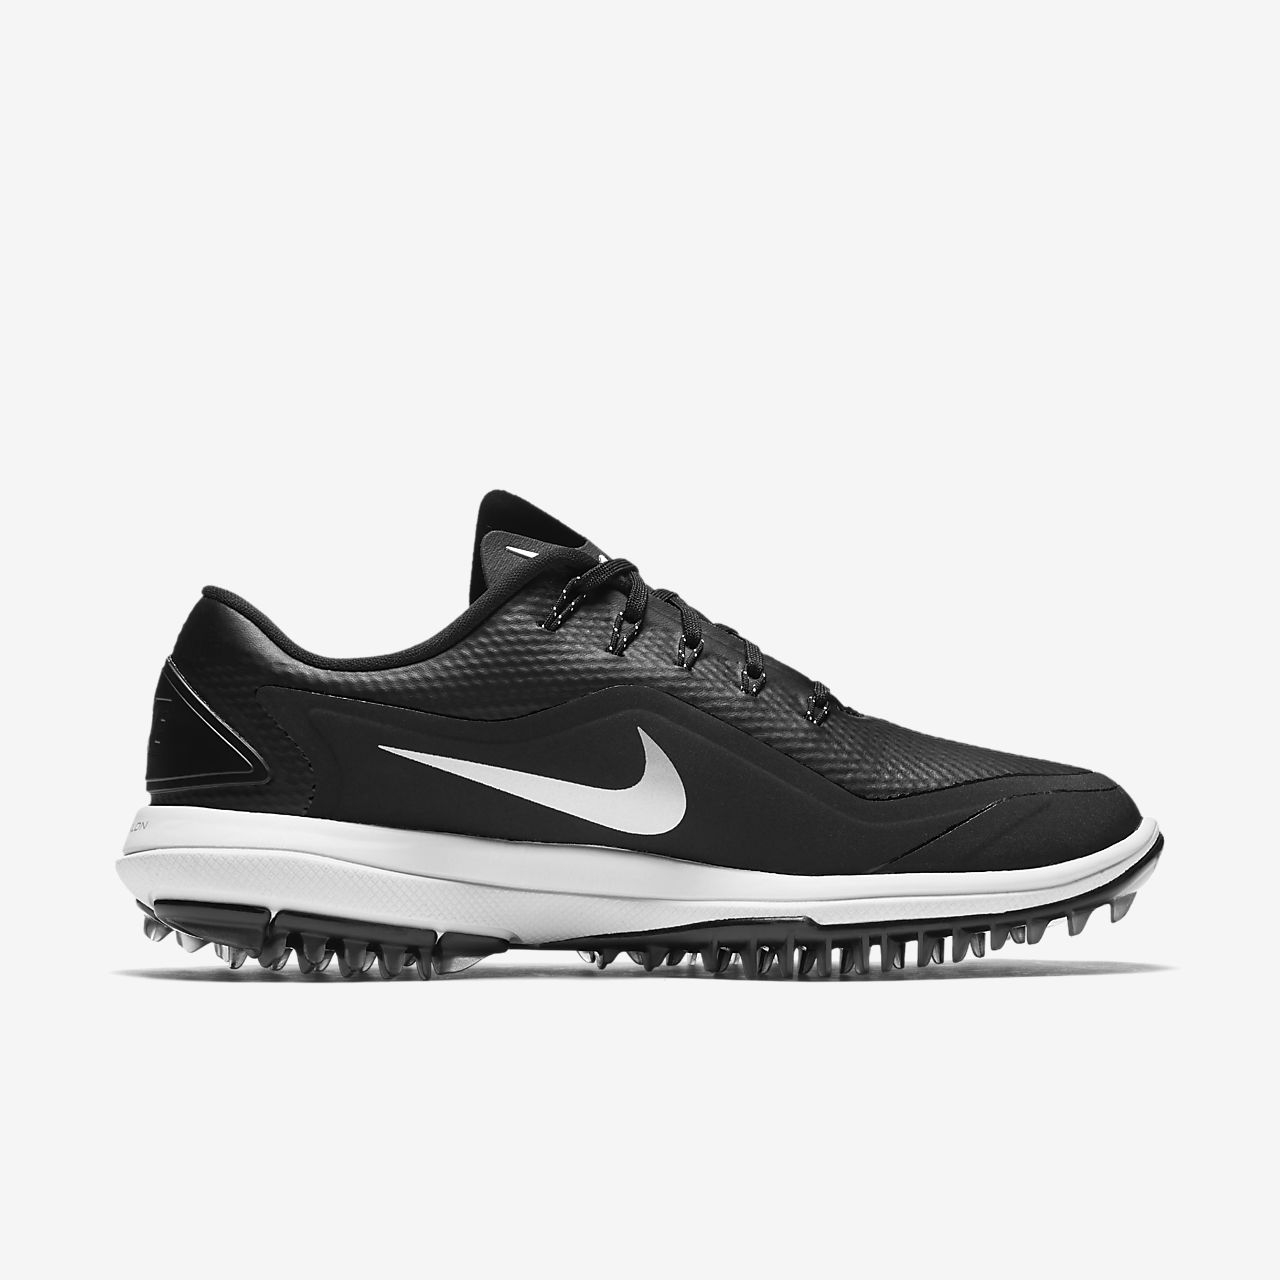 check out 75cd4 019cc ... Chaussure de golf Nike Lunar Control Vapor 2 pour Femme